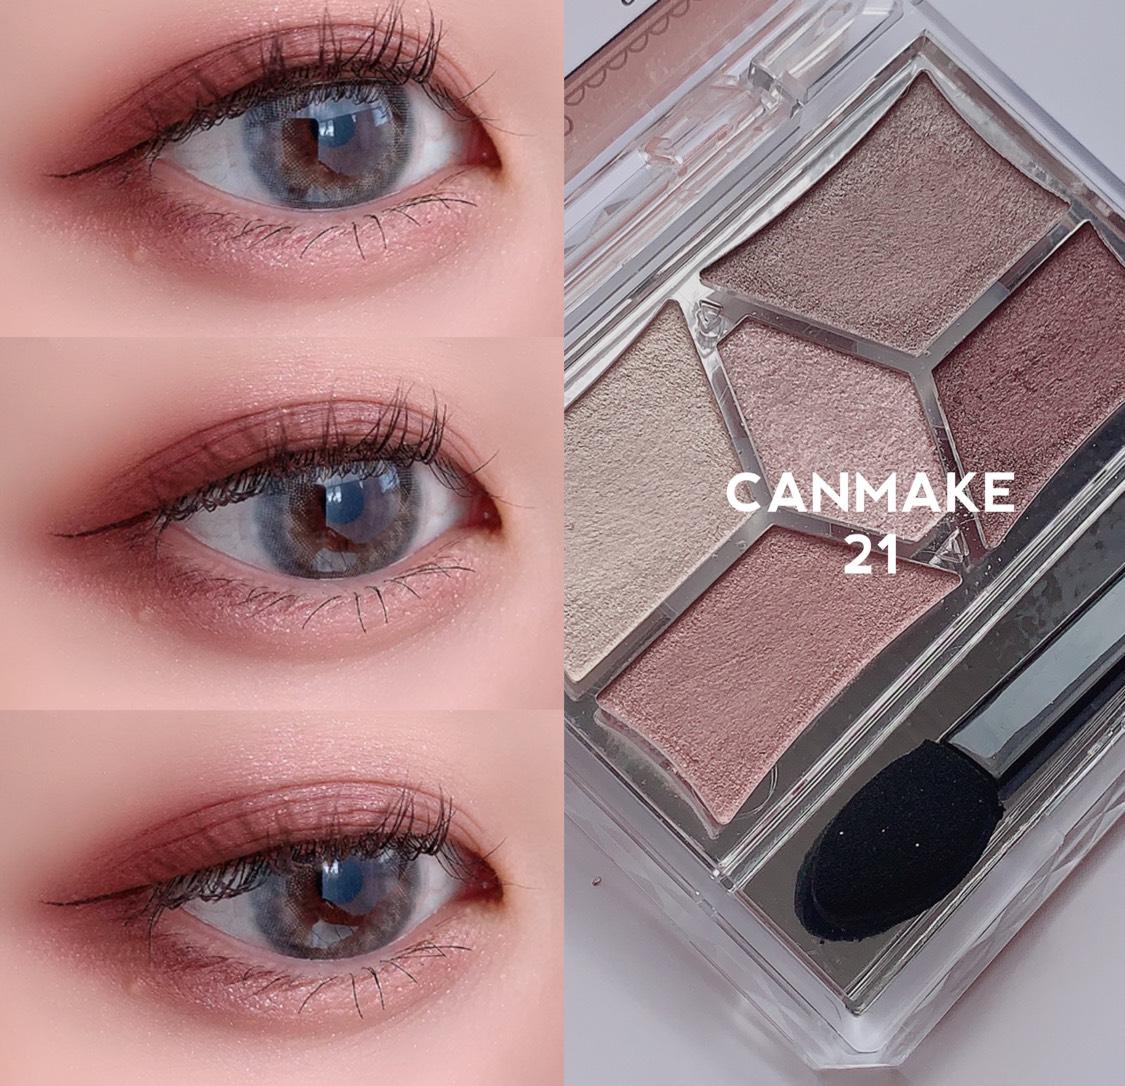 CANMAKE 21ストロベリーミルクモカ